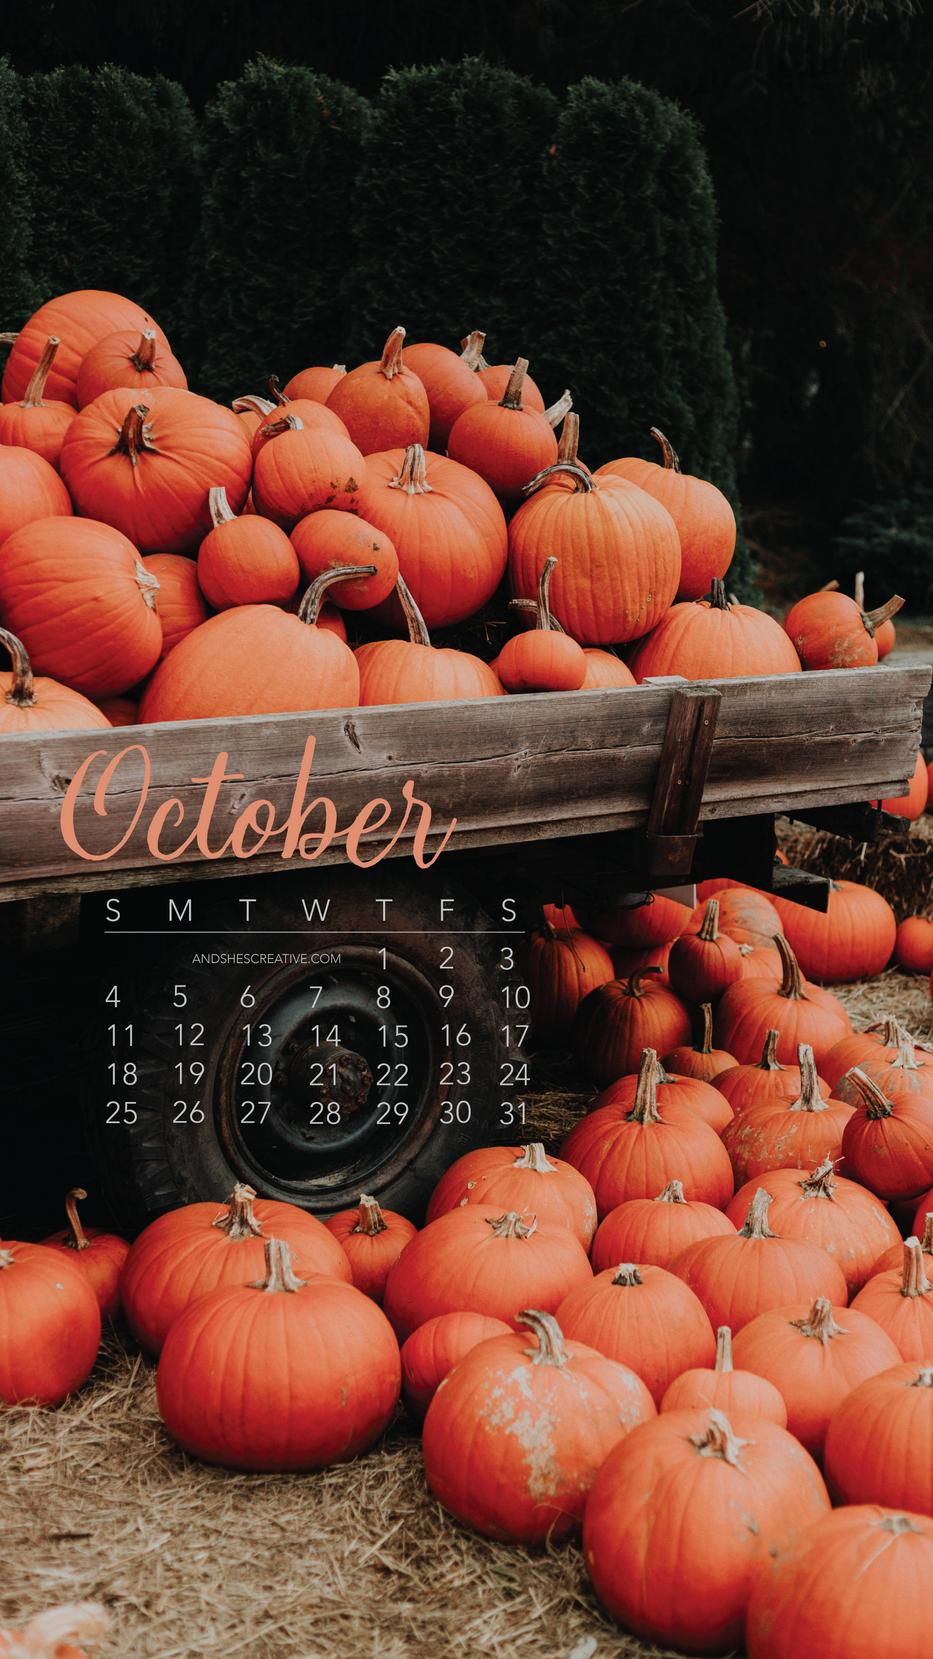 Pumpkin Pick Up Truck October Mobile Background